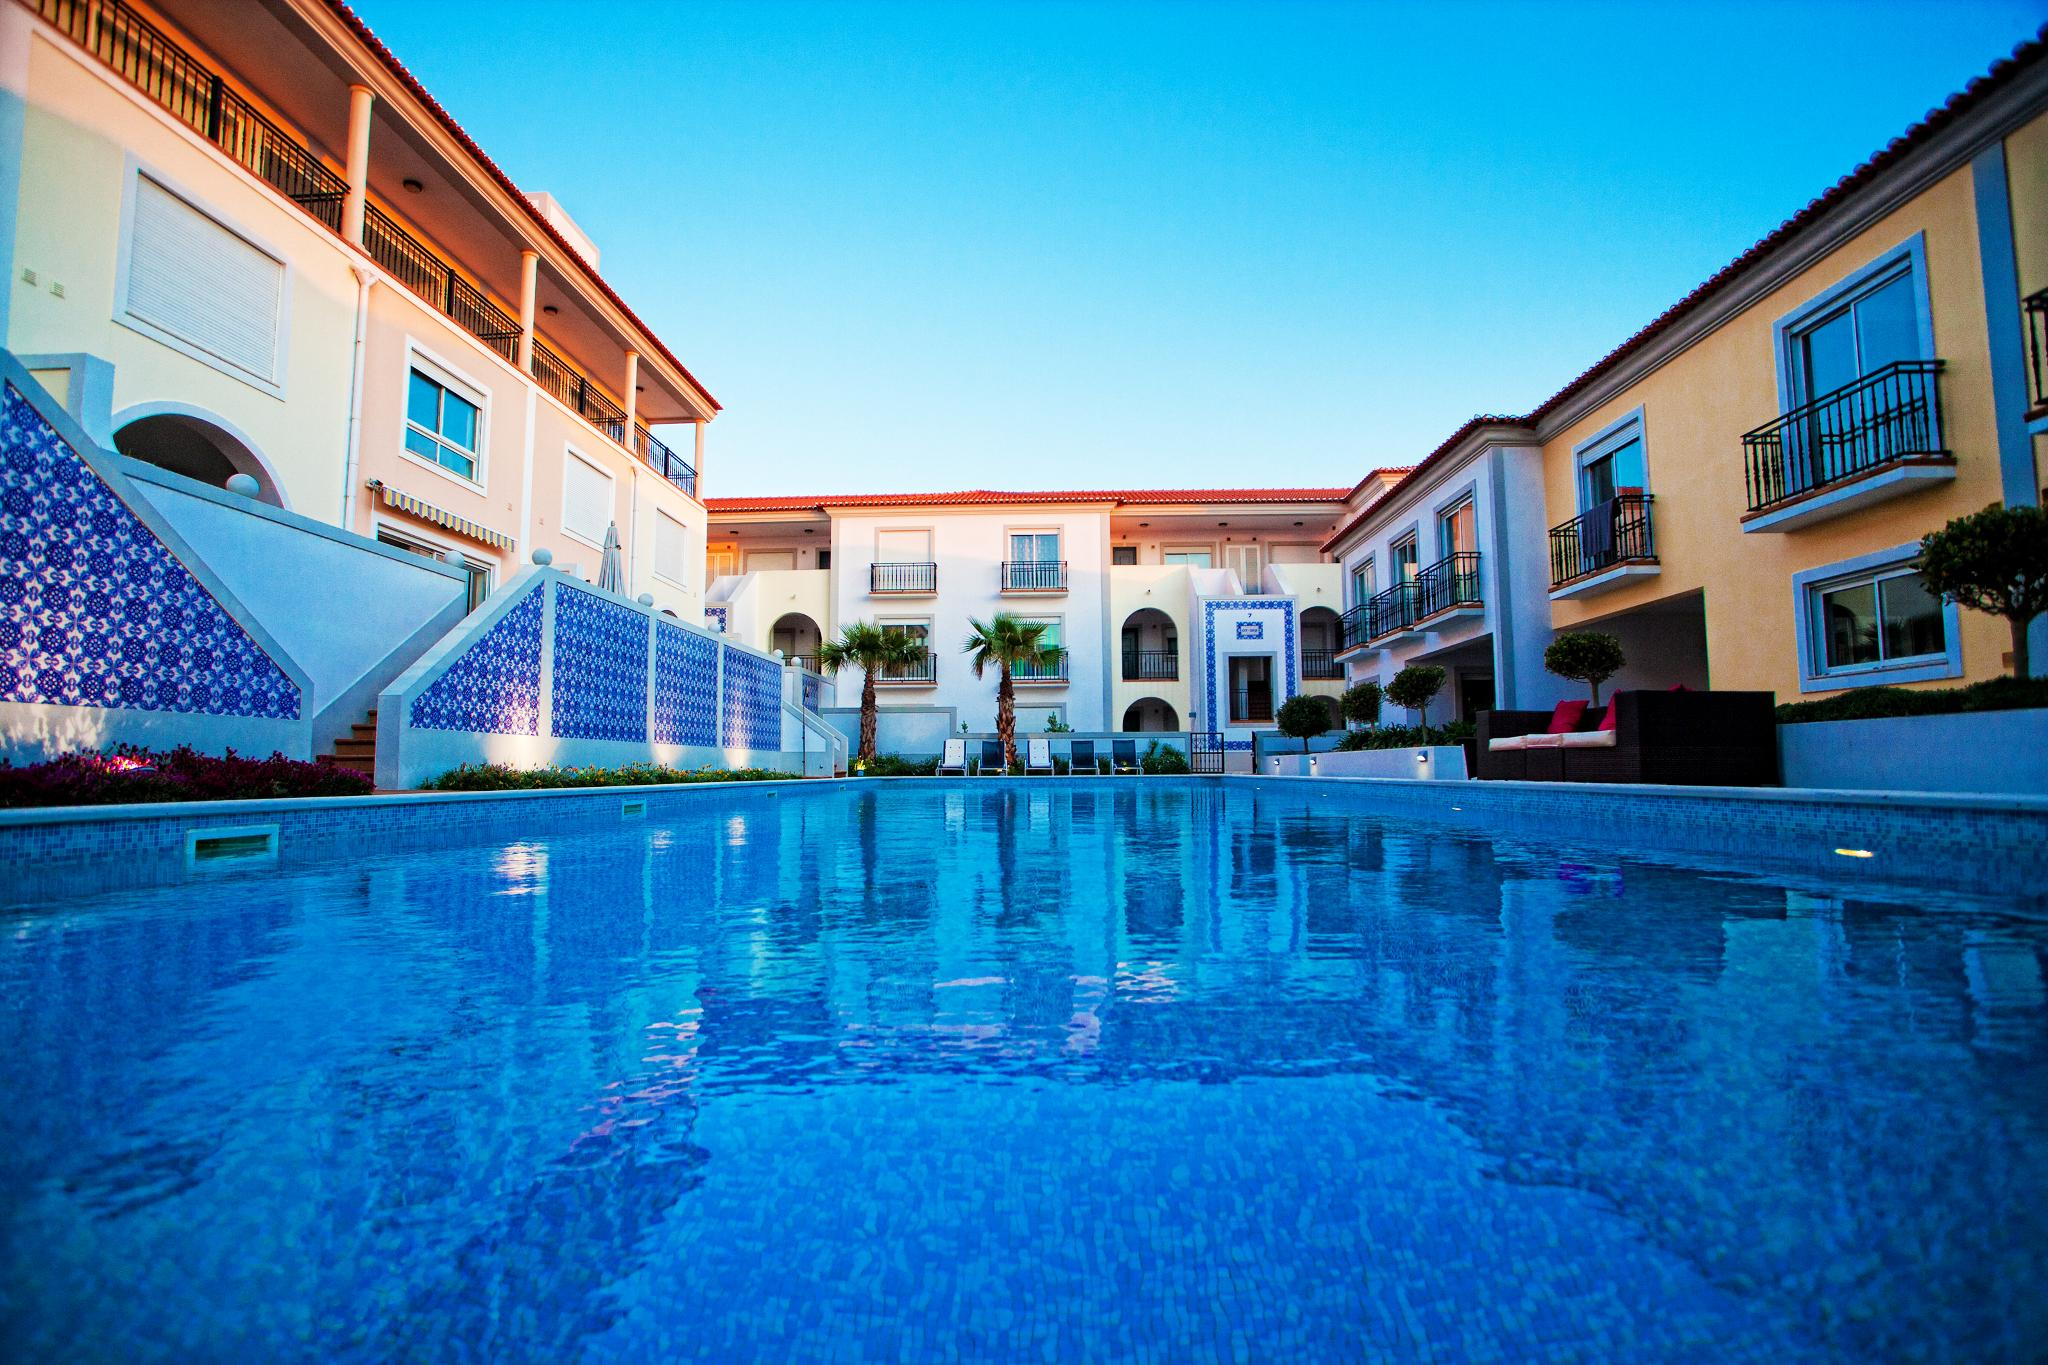 praia-del-rey-beach-golf-resort-the-village 3237